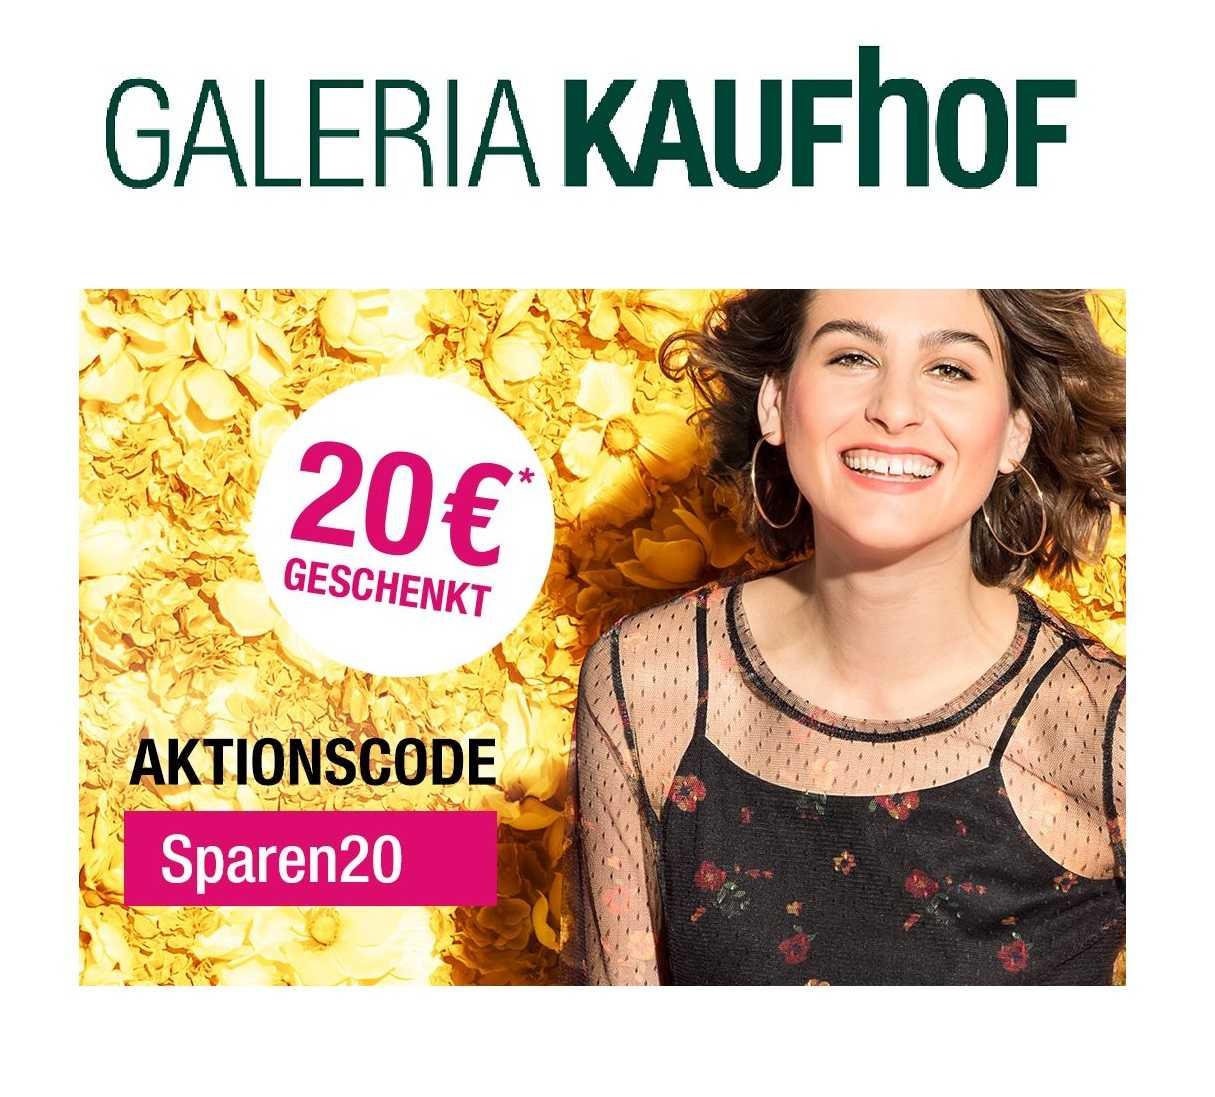 Galeria Kaufhof: 20, € Rabatt auf (fast) alles! MBW 150, €